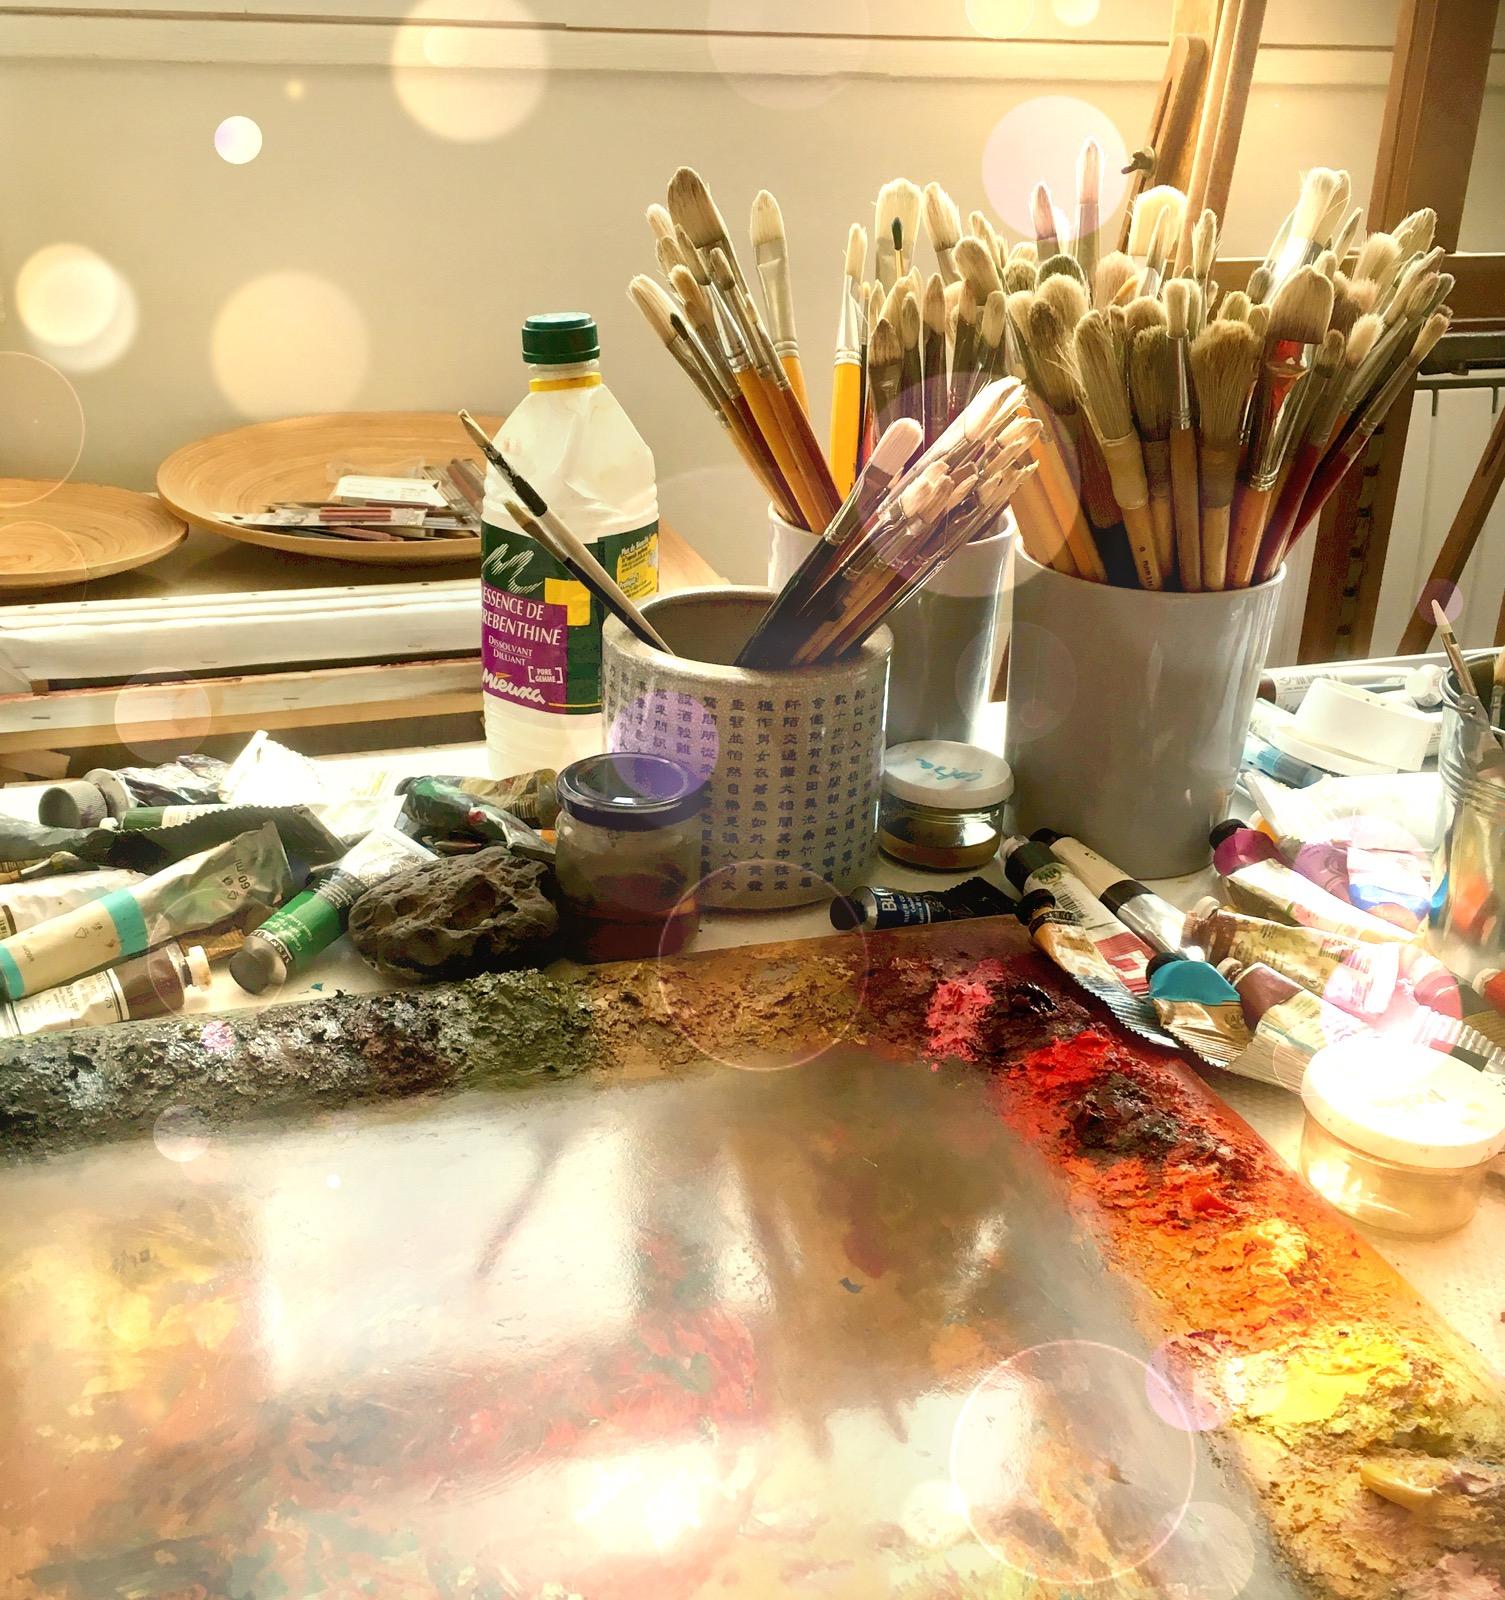 peinture-dessin-cours-montreuil-fontenay-sous-bois-paris.jpg